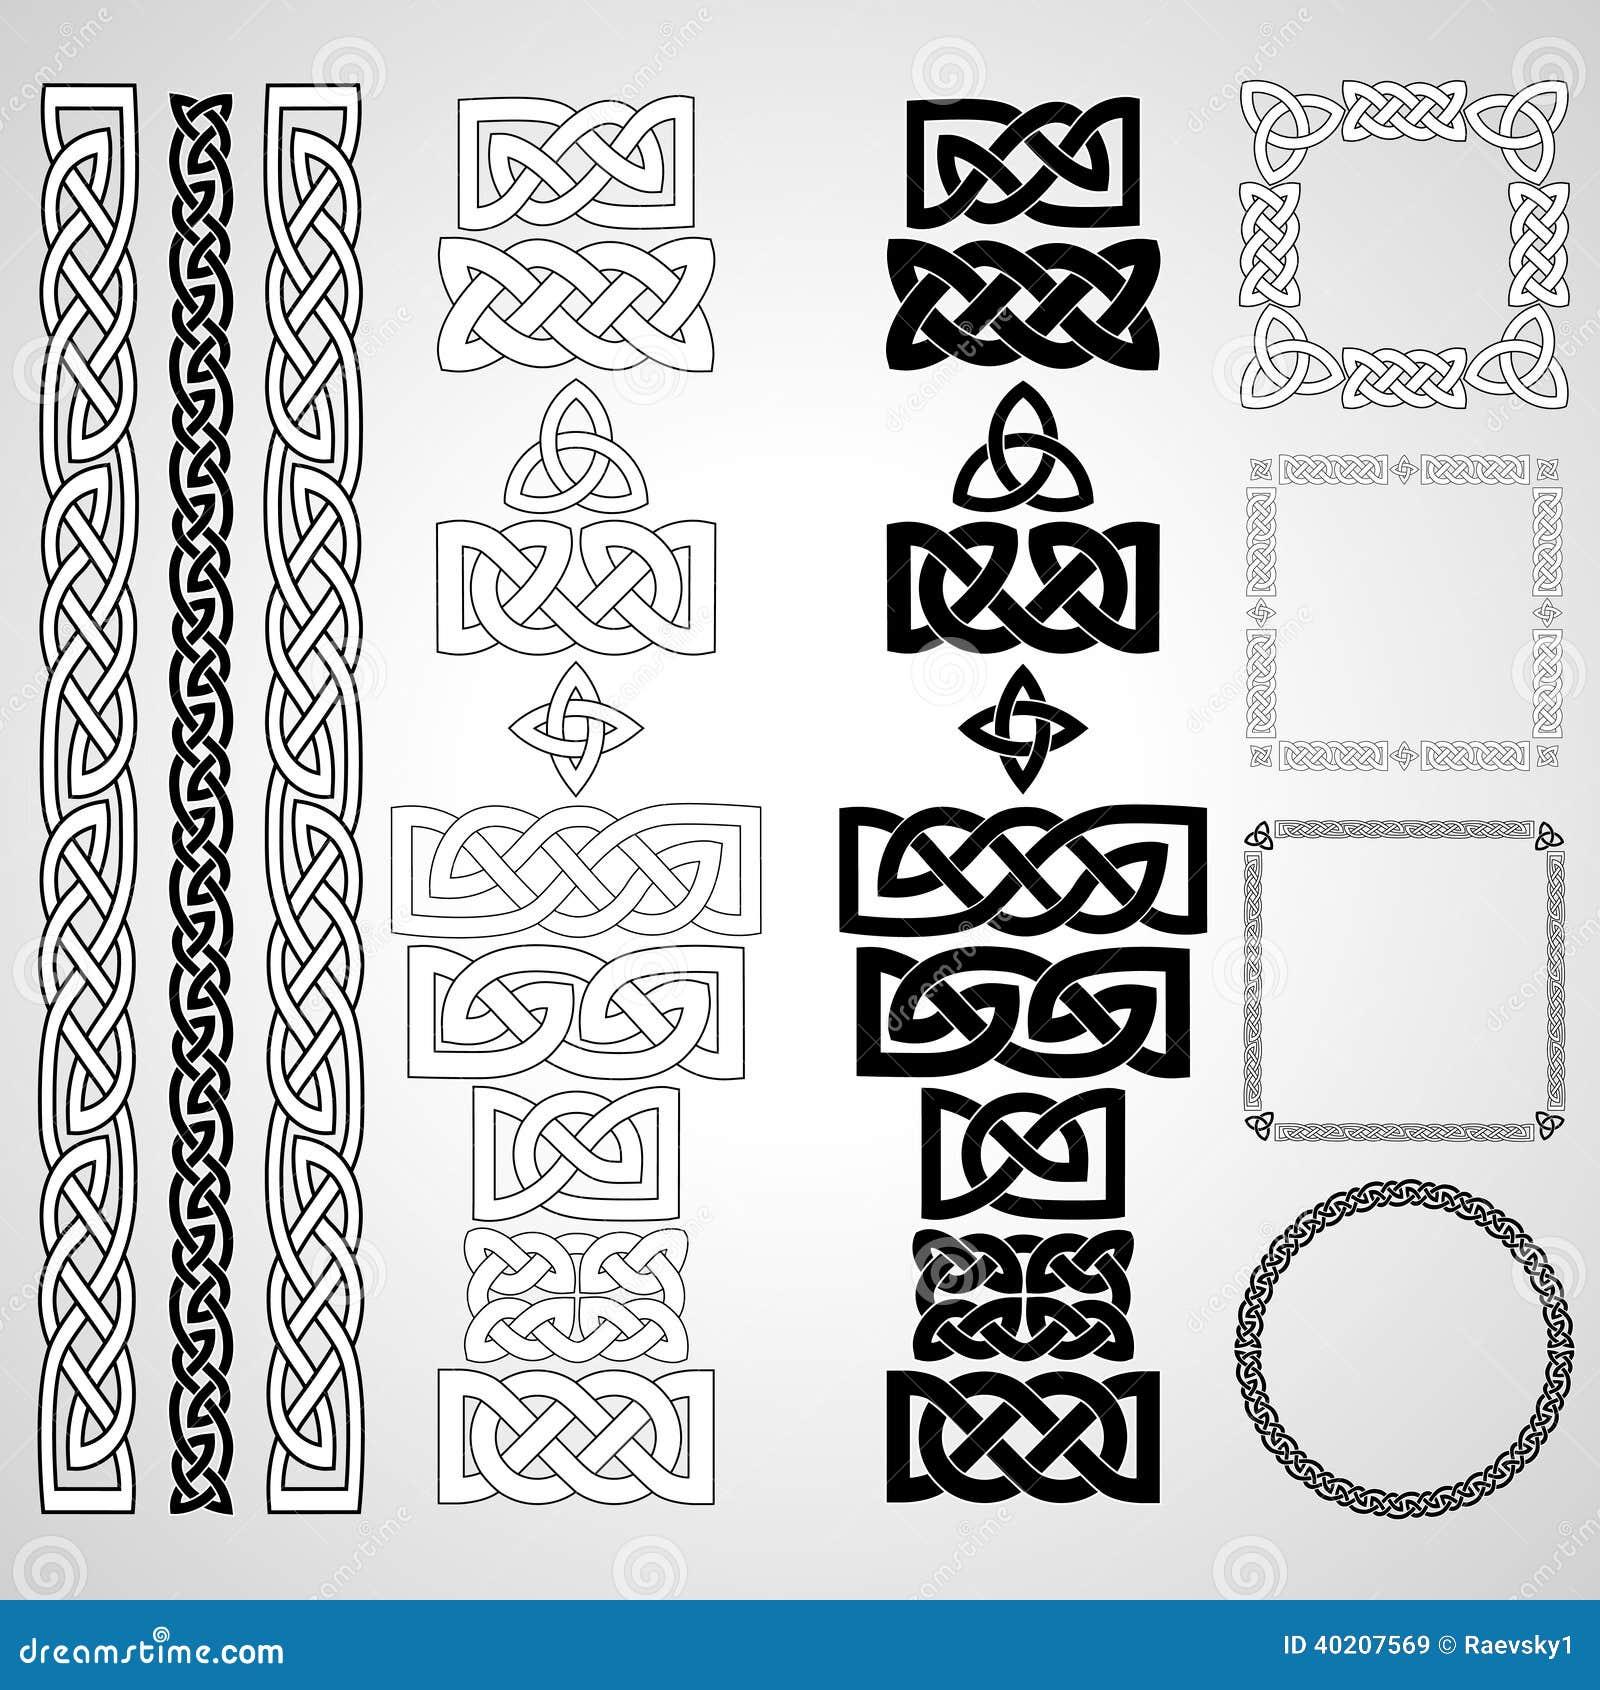 Keltische Knoten, Muster, Rahmen Vektor Abbildung - Illustration von ...